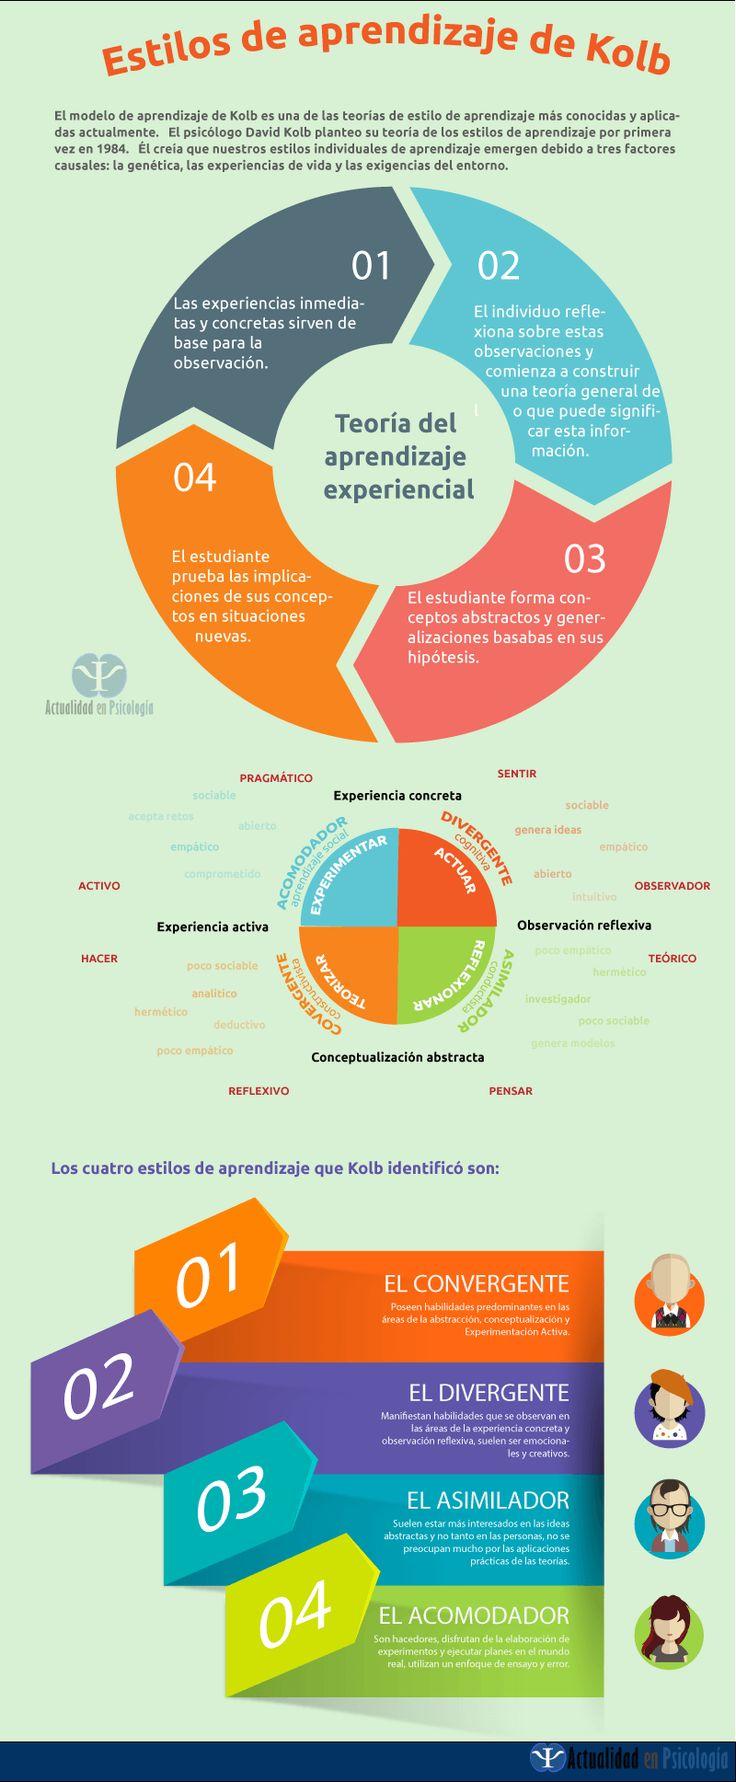 Este artículo aborda el modelo de los estilos de aprendizaje, la teoría del aprendizaje experiencial y los cuatro estilos de aprendizaje de Kolb. Infografía